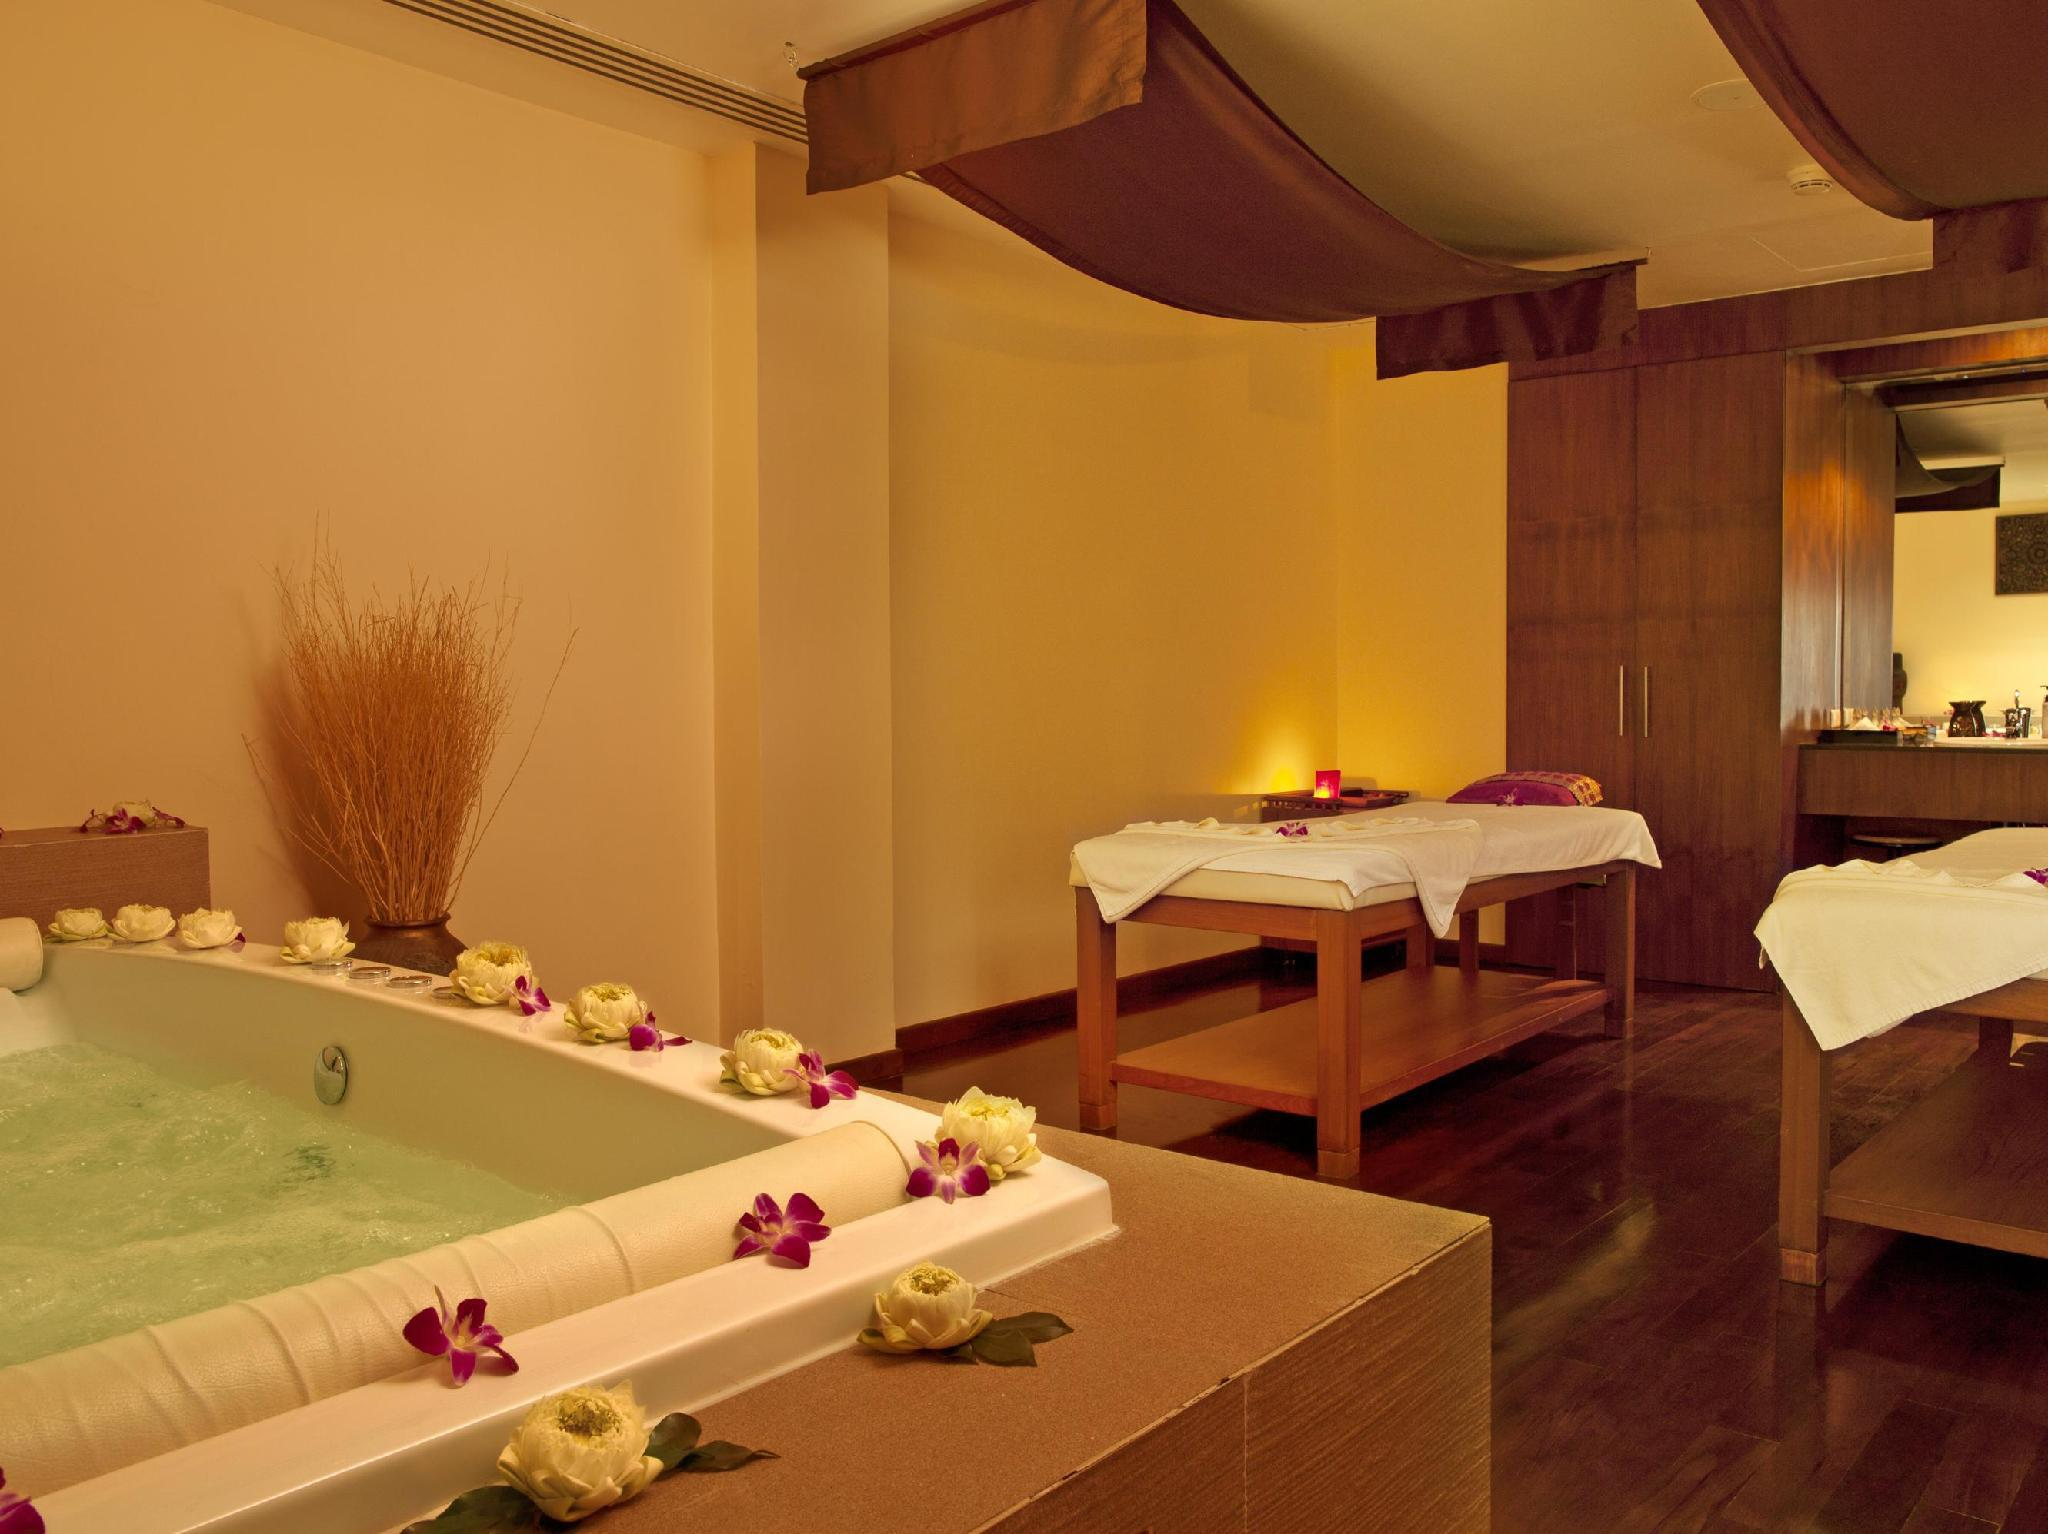 Le Méridien Phuket Beach Resort เลอ เมริเดียน ภูเก็ต บีช รีสอร์ต